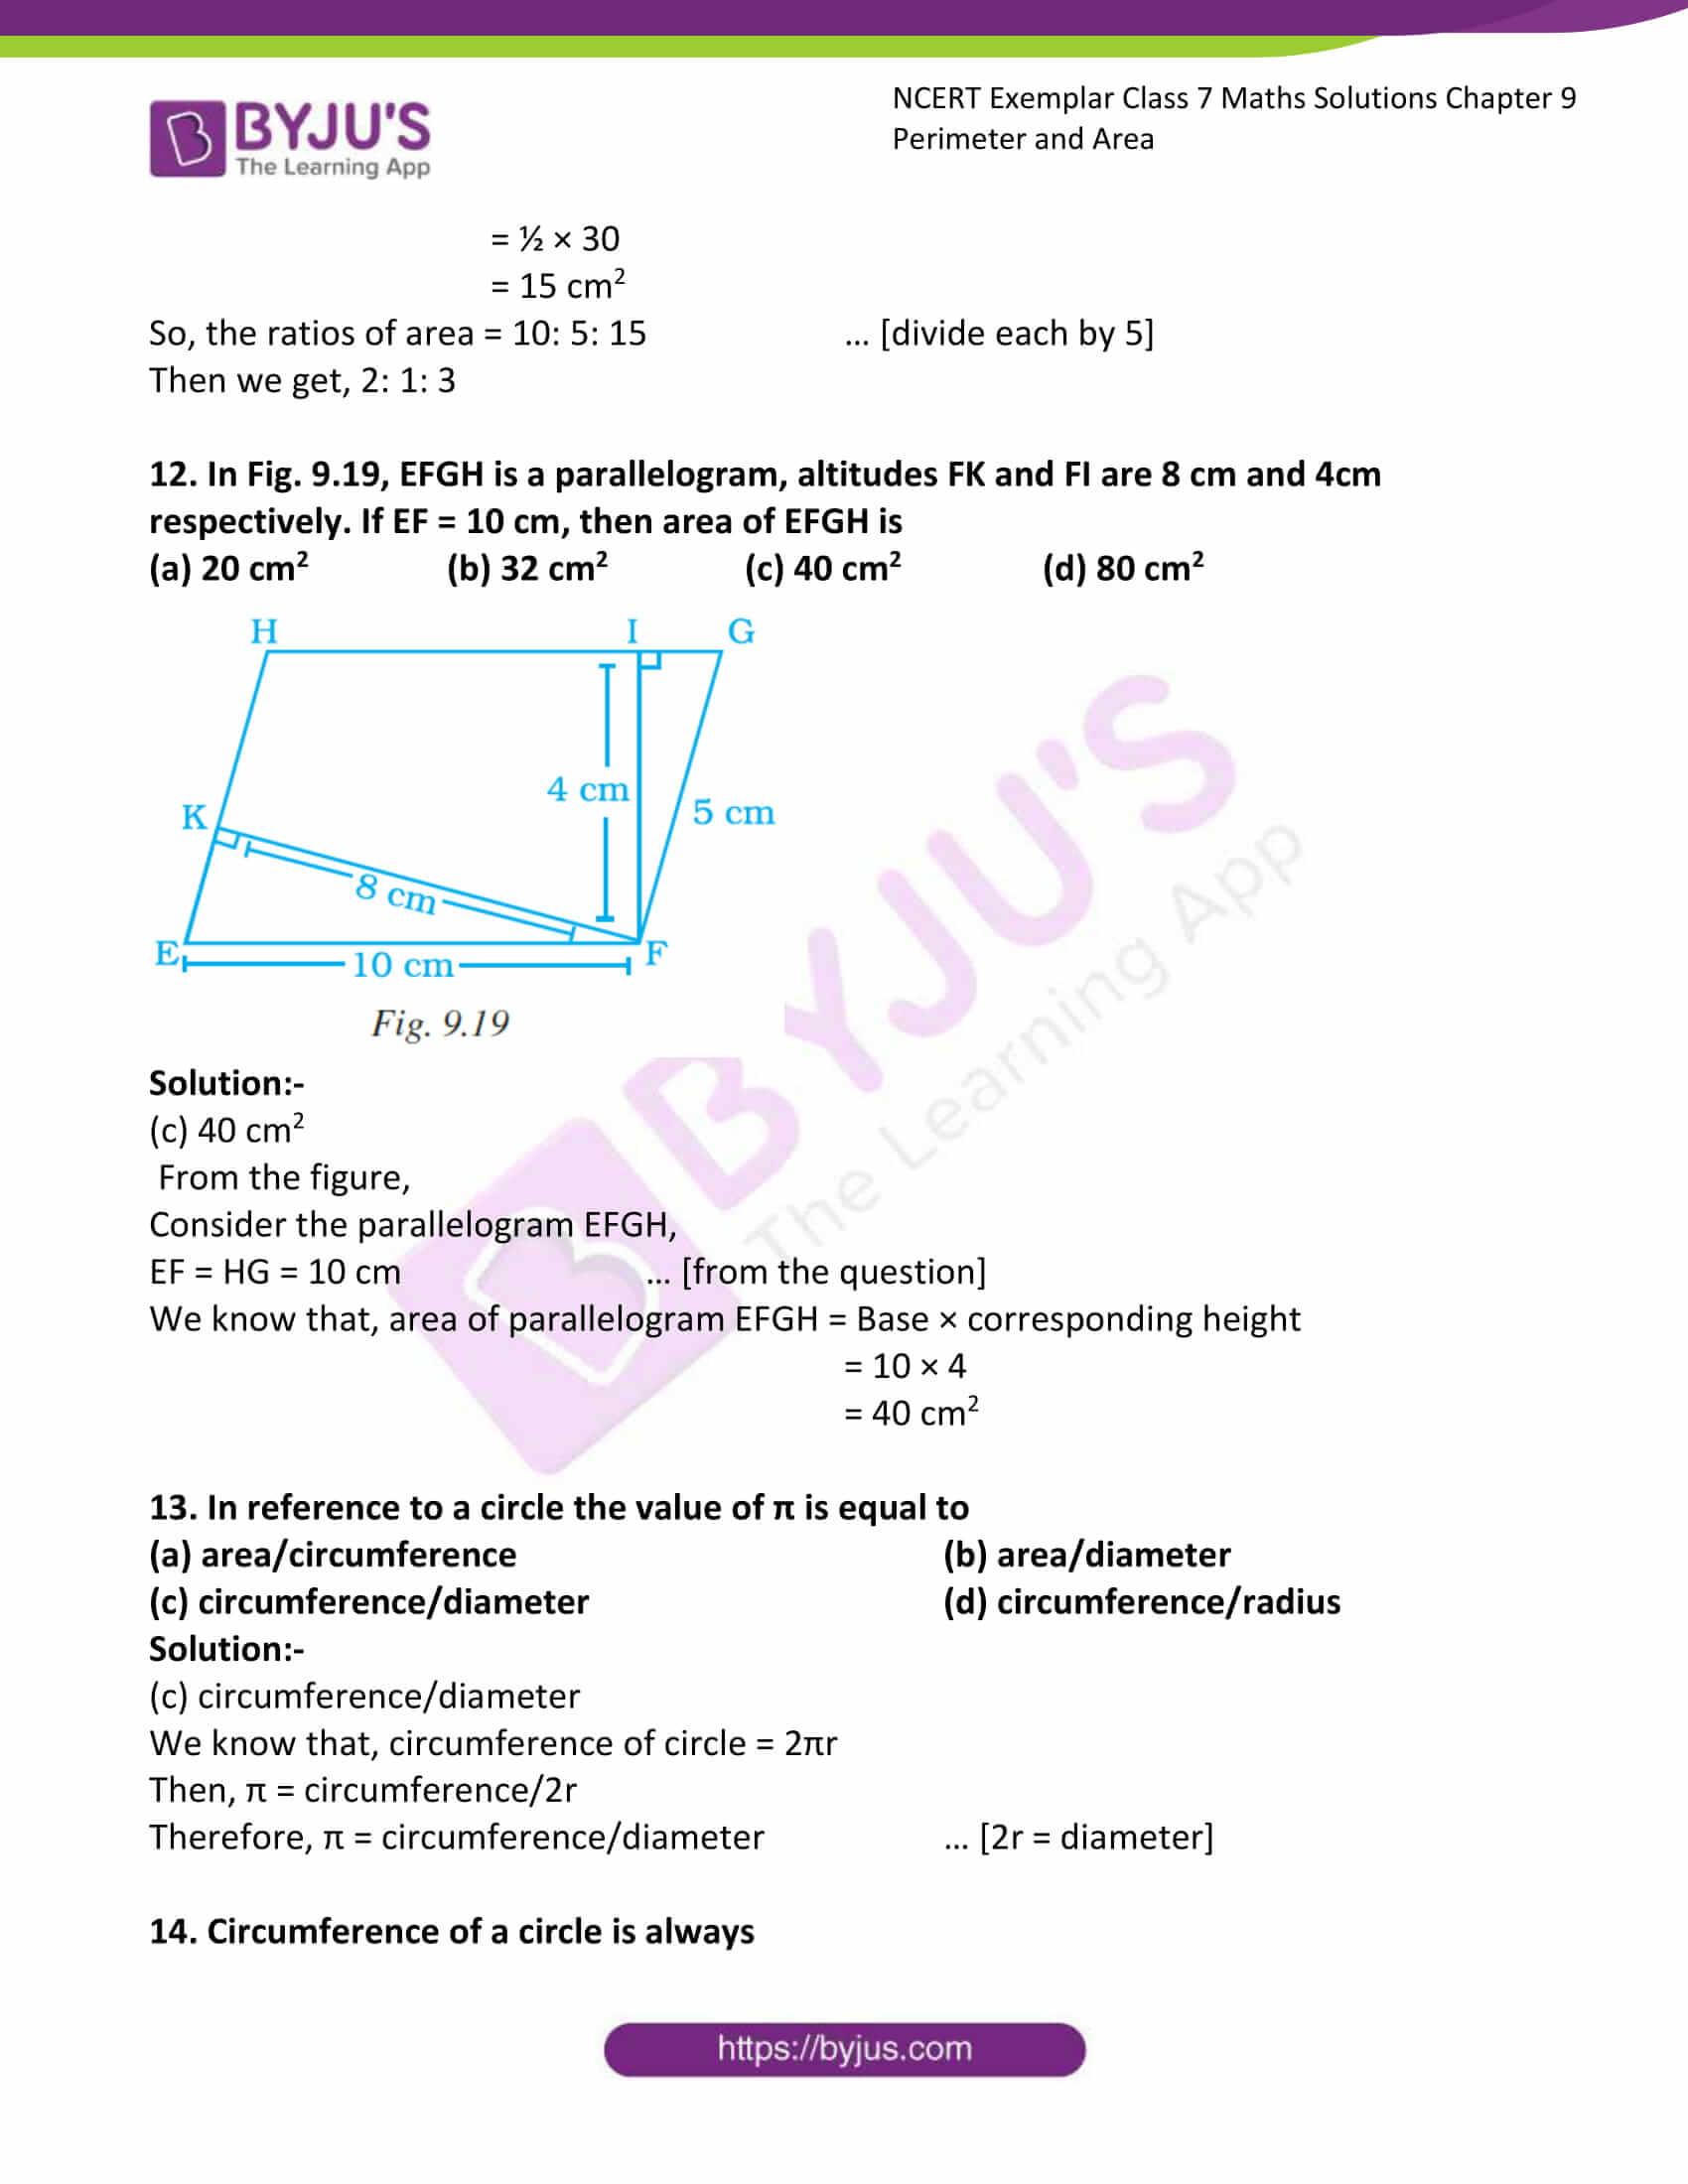 ncert exemplar class 7 maths solutions chapter 9 07